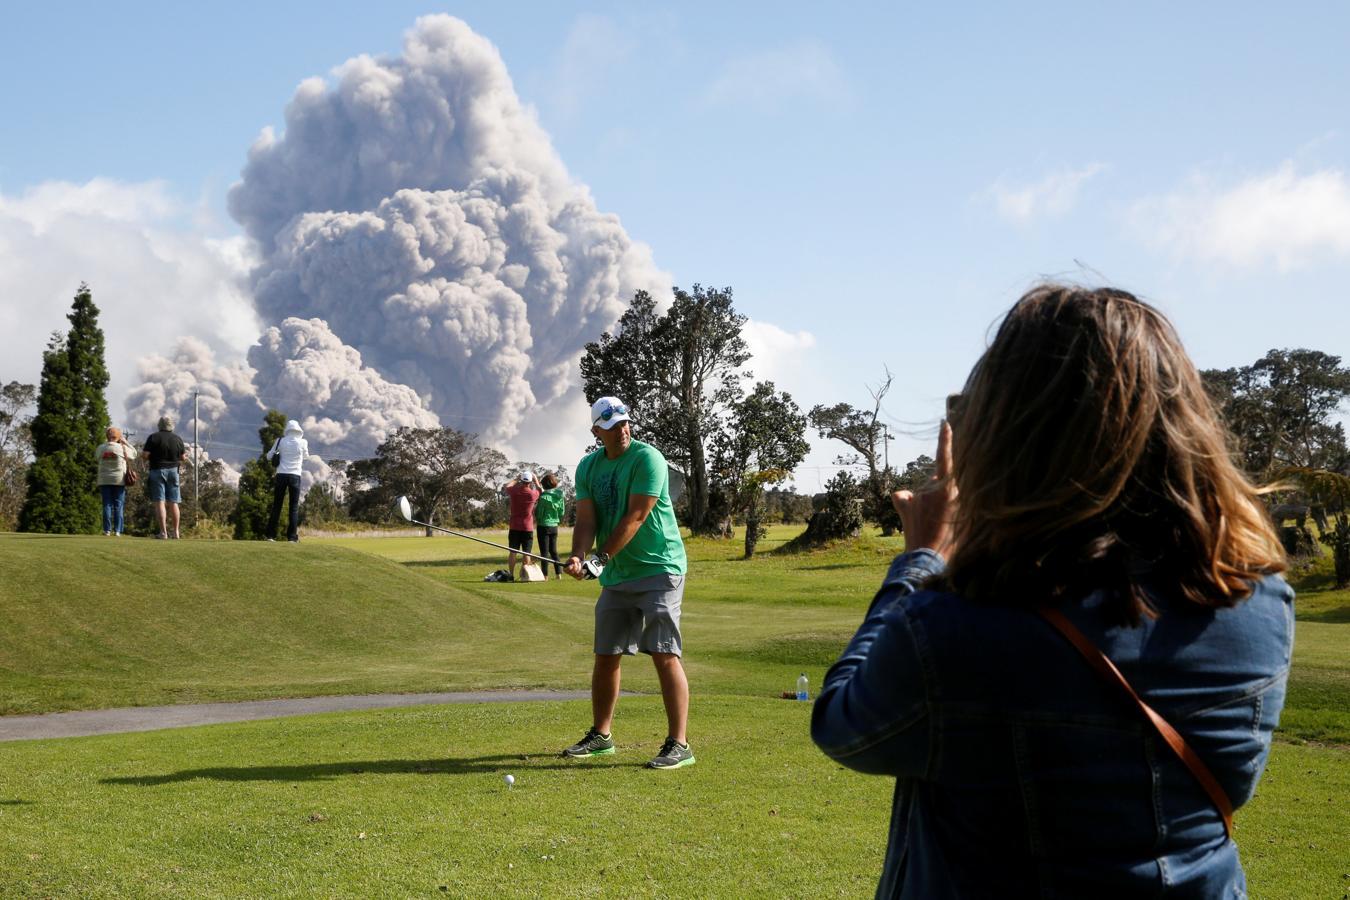 Un hombre juega al golf con la erupción de cenizas de fondo